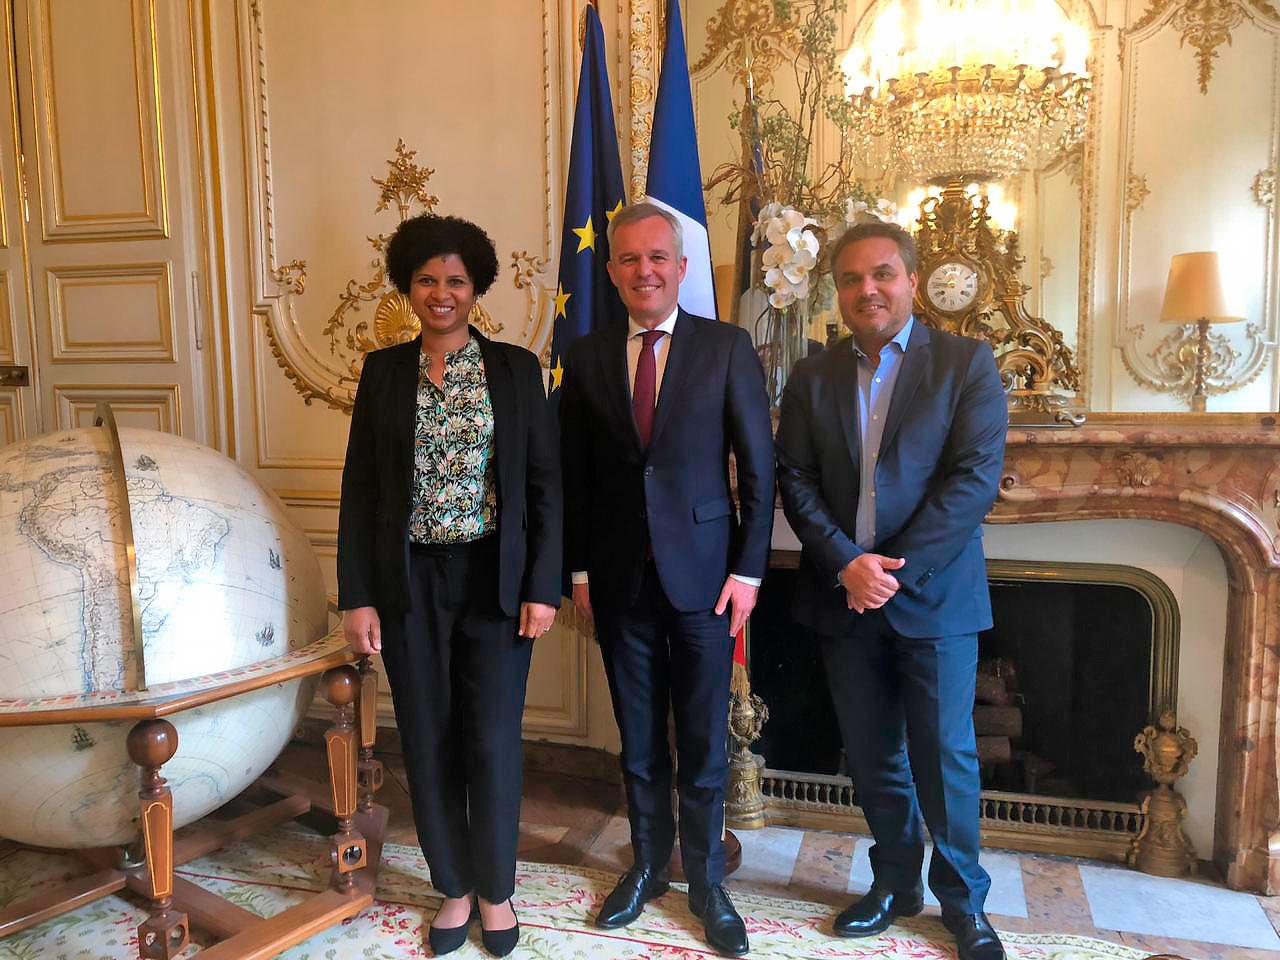 Didier ROBERT a rencontré François de RUGY Ministre de l'Écologie, du Développement durable et de l'Énergie